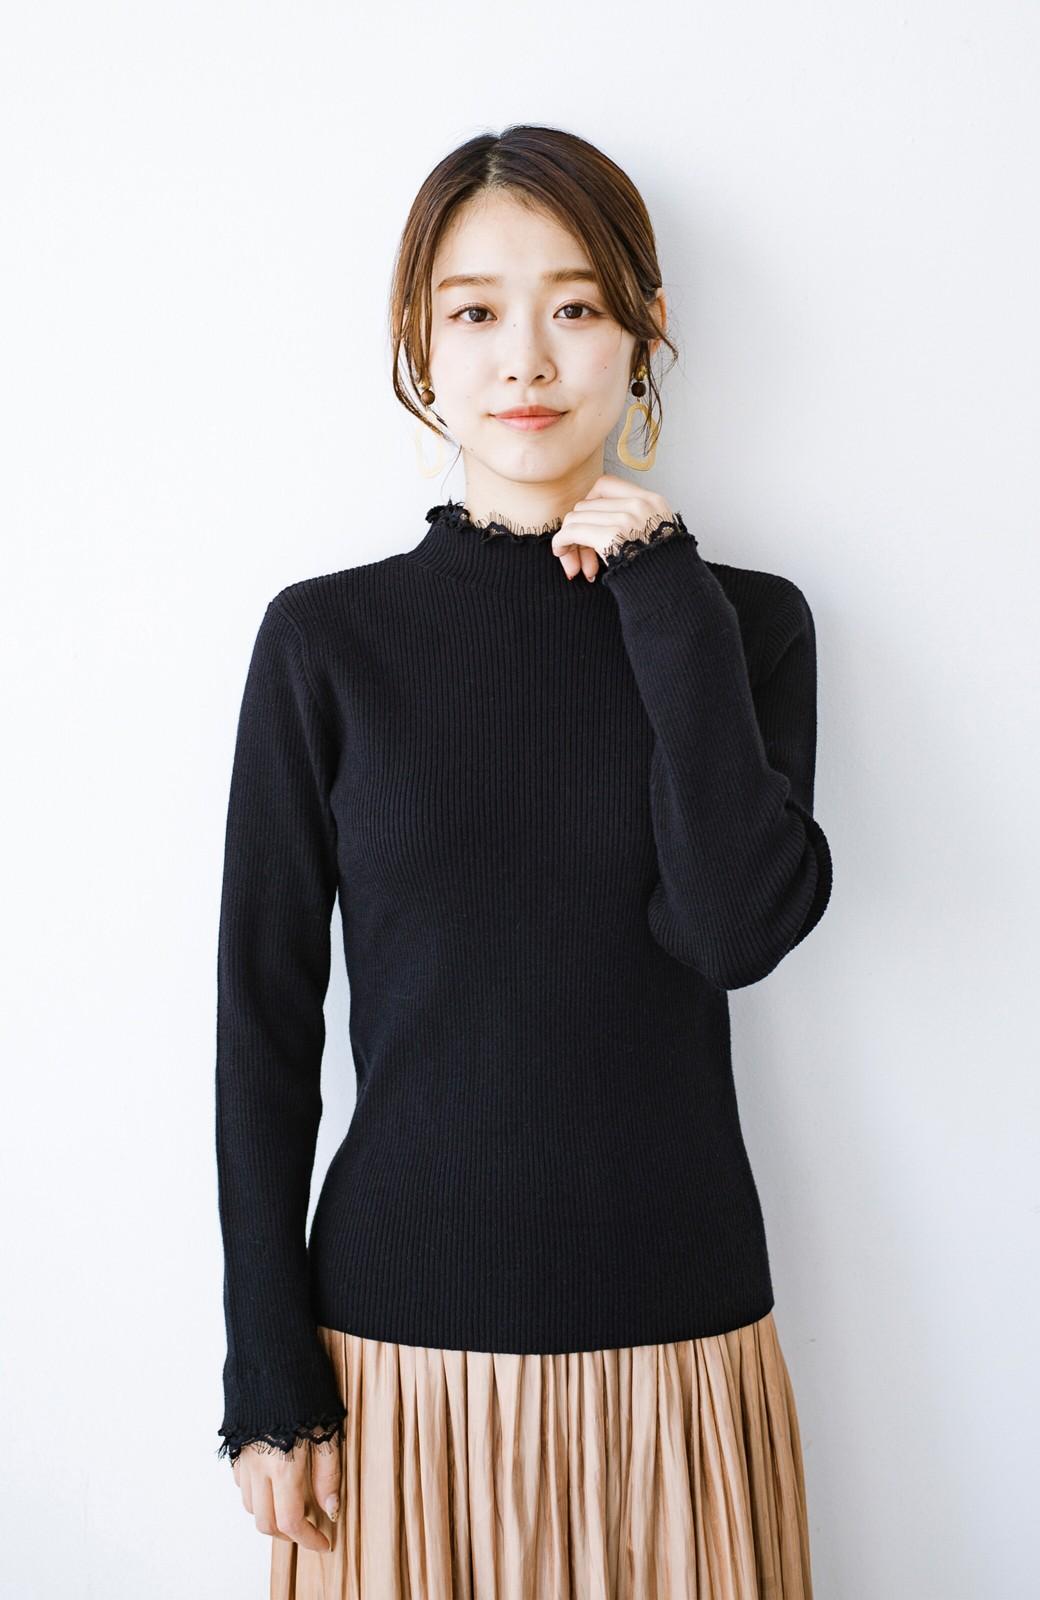 haco! 1枚でも重ね着でも便利!合わせやすくてかわいげを足せる 衿レース付きニットby style zampa <ブラック>の商品写真4